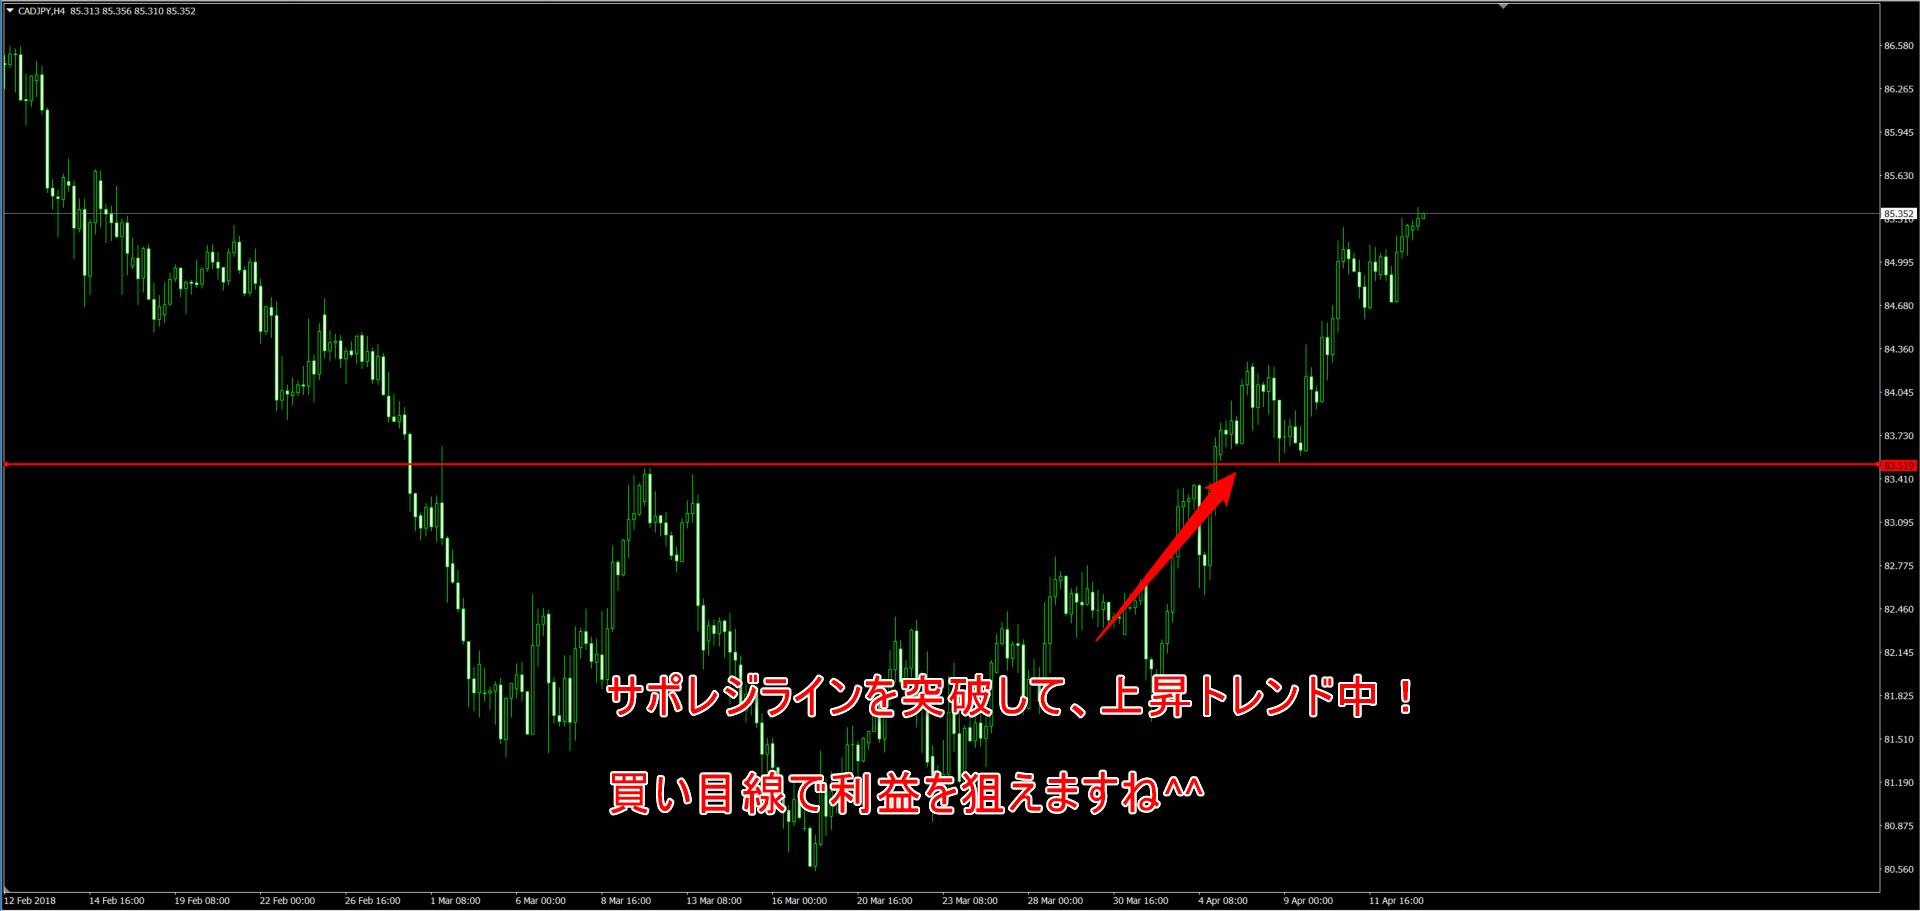 カナダドル円の4時間足チャート